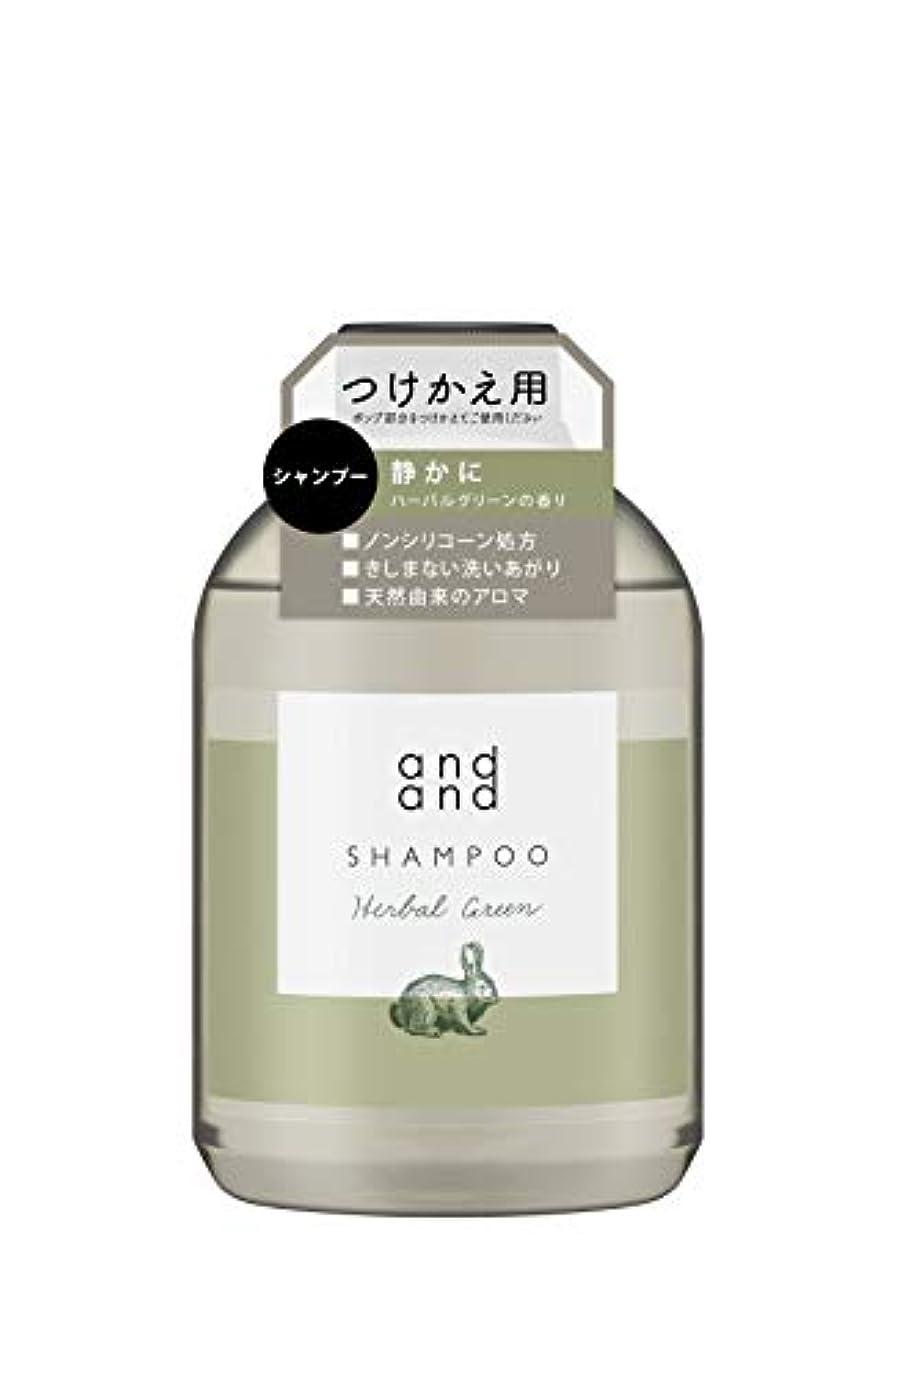 シマウマ民間シフトand and 静かに 【ハーバルグリーンの香り】 シャンプー つけかえ用 480ml [ ノンシリコン 処方 ]